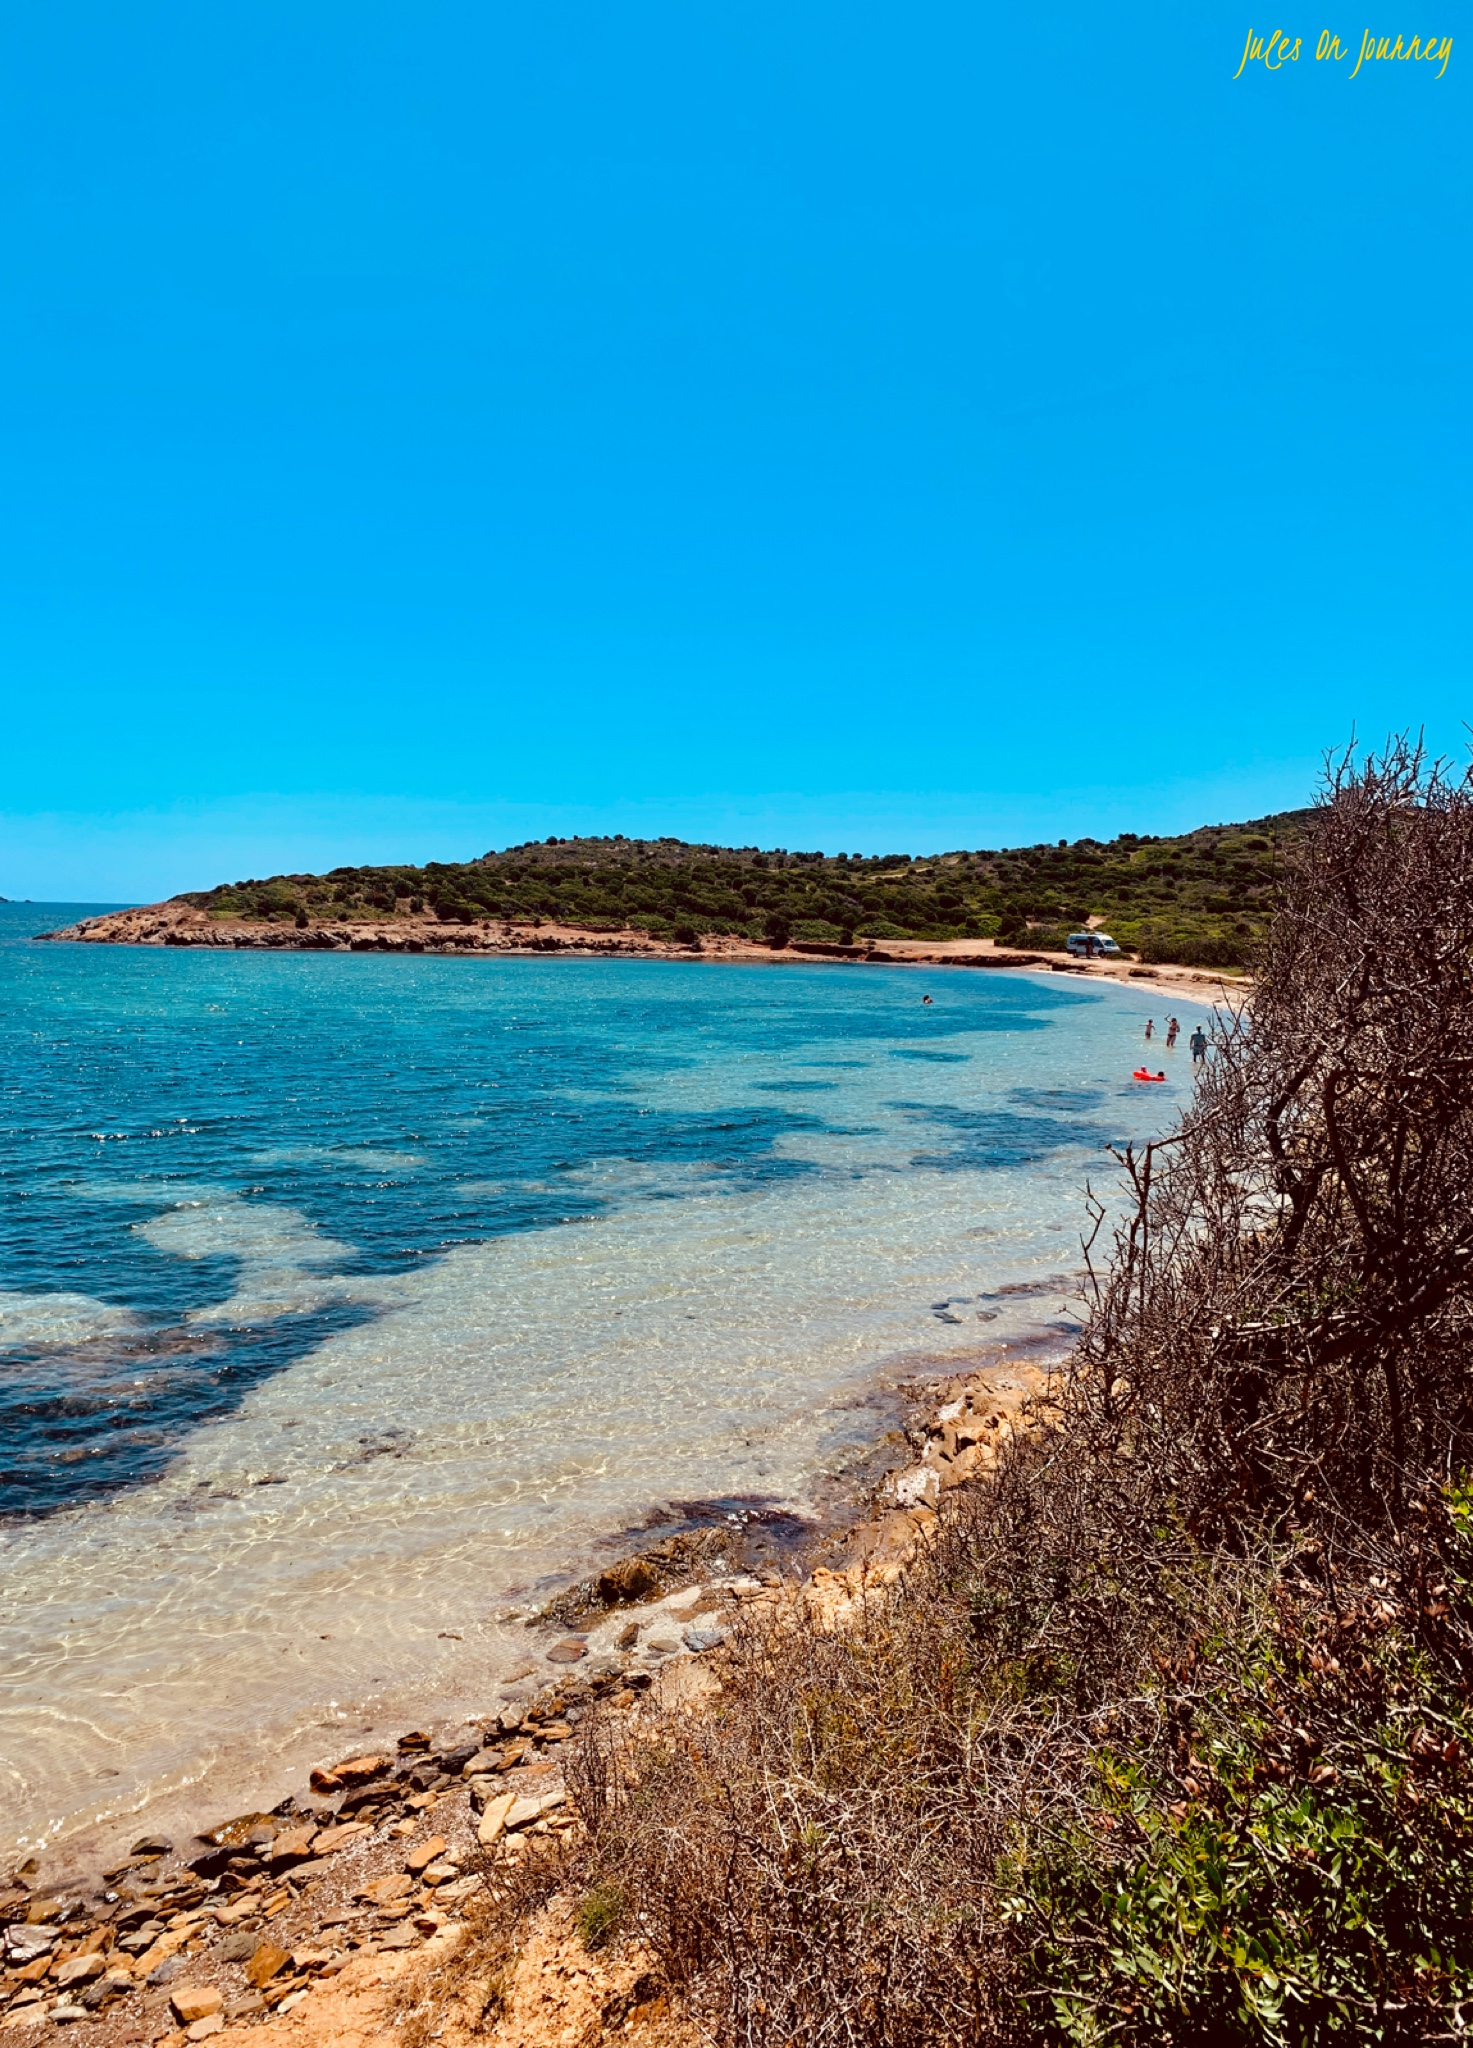 Blick auf den Strand von Malfatano.